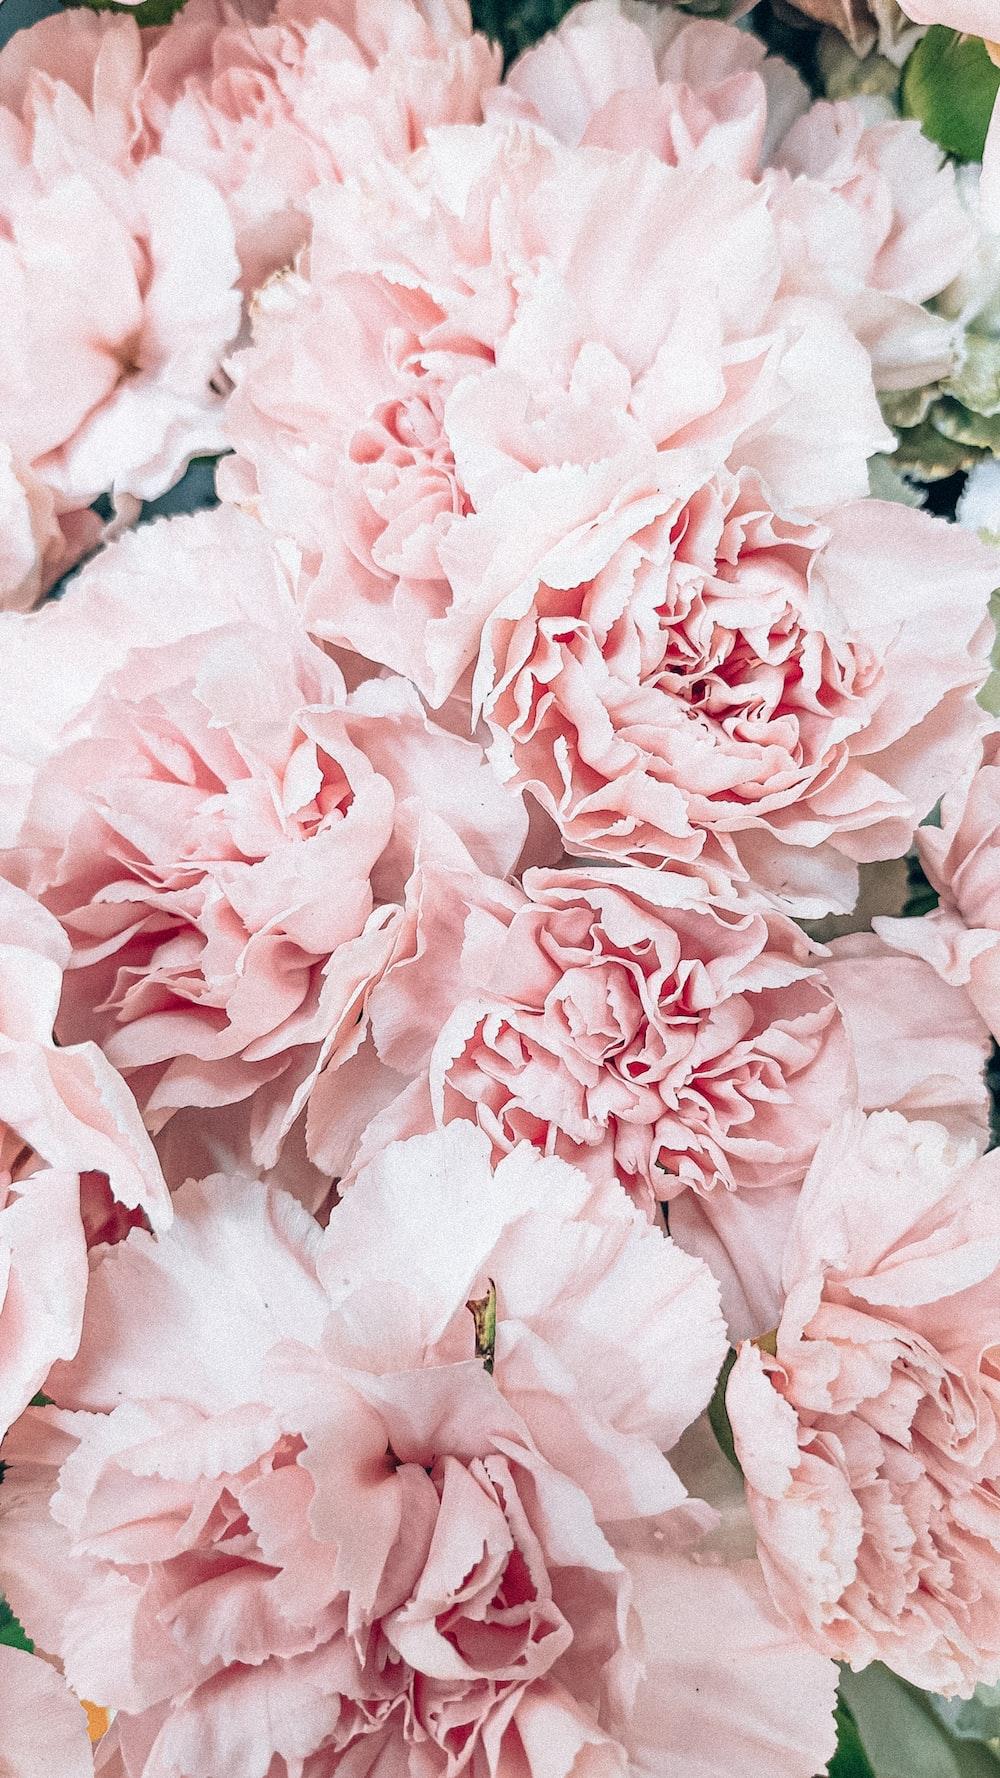 pink flower in macro lens